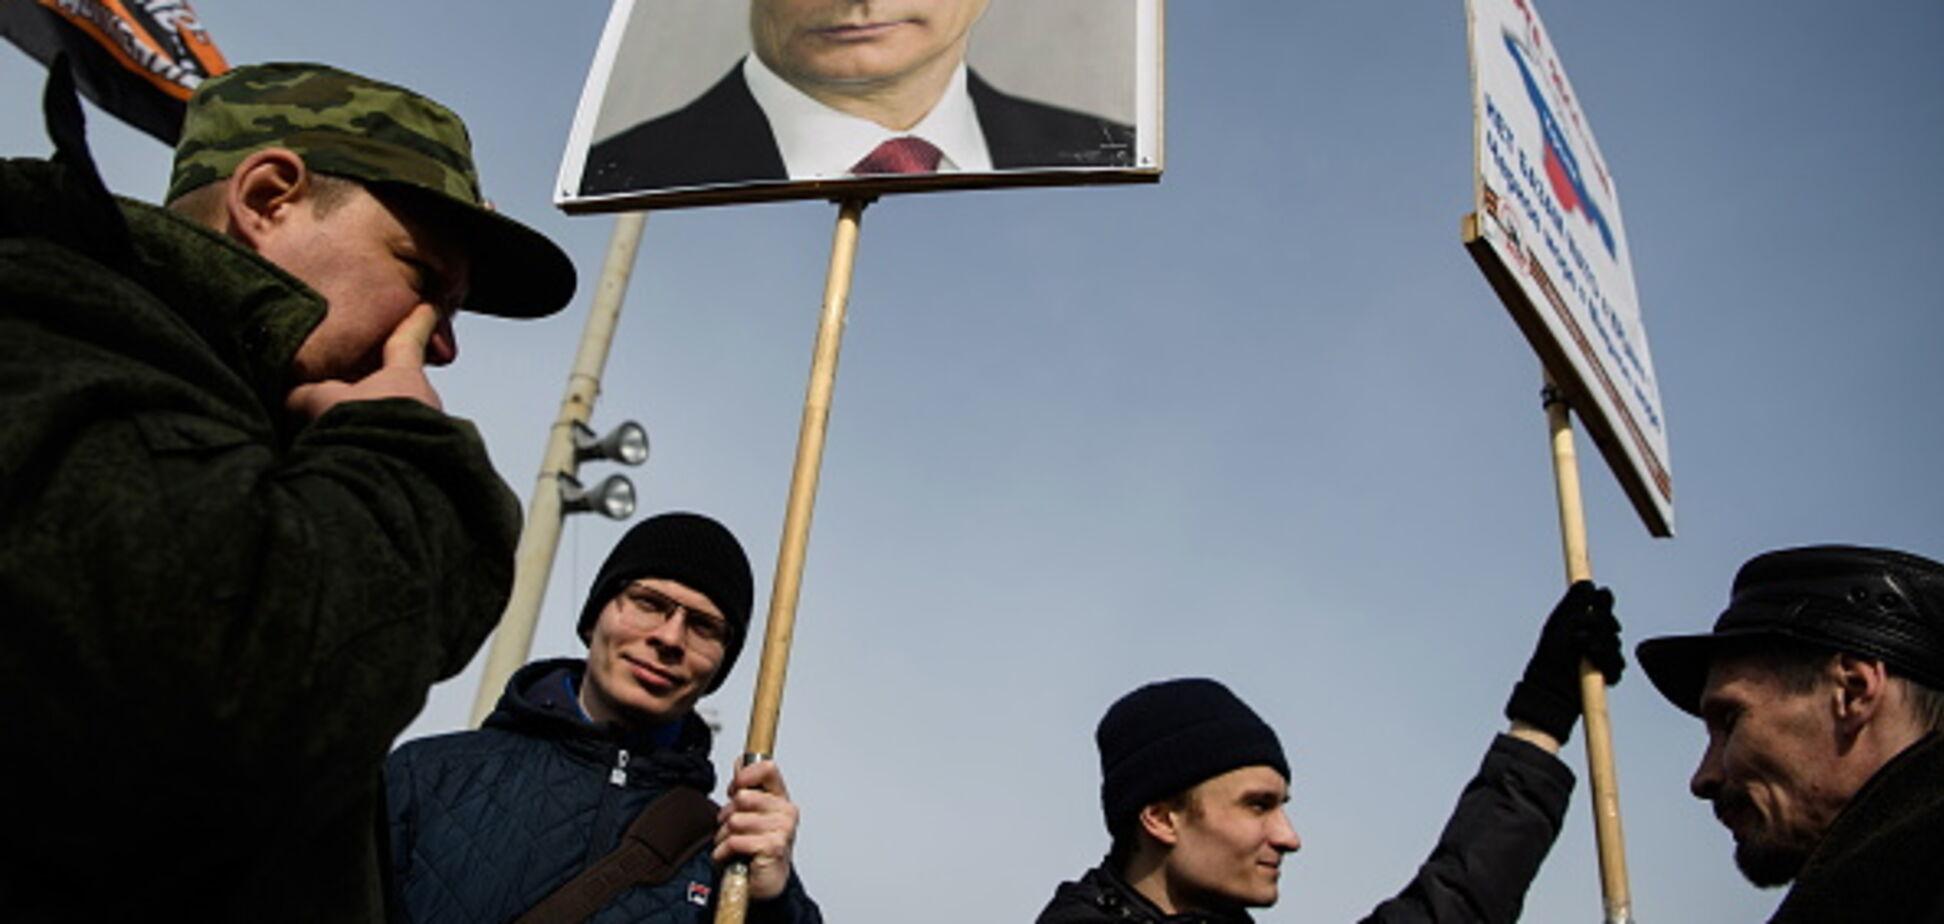 'Великая страна': украинский 'эксперт' поддержал скандальную инициативу на КремльТВ